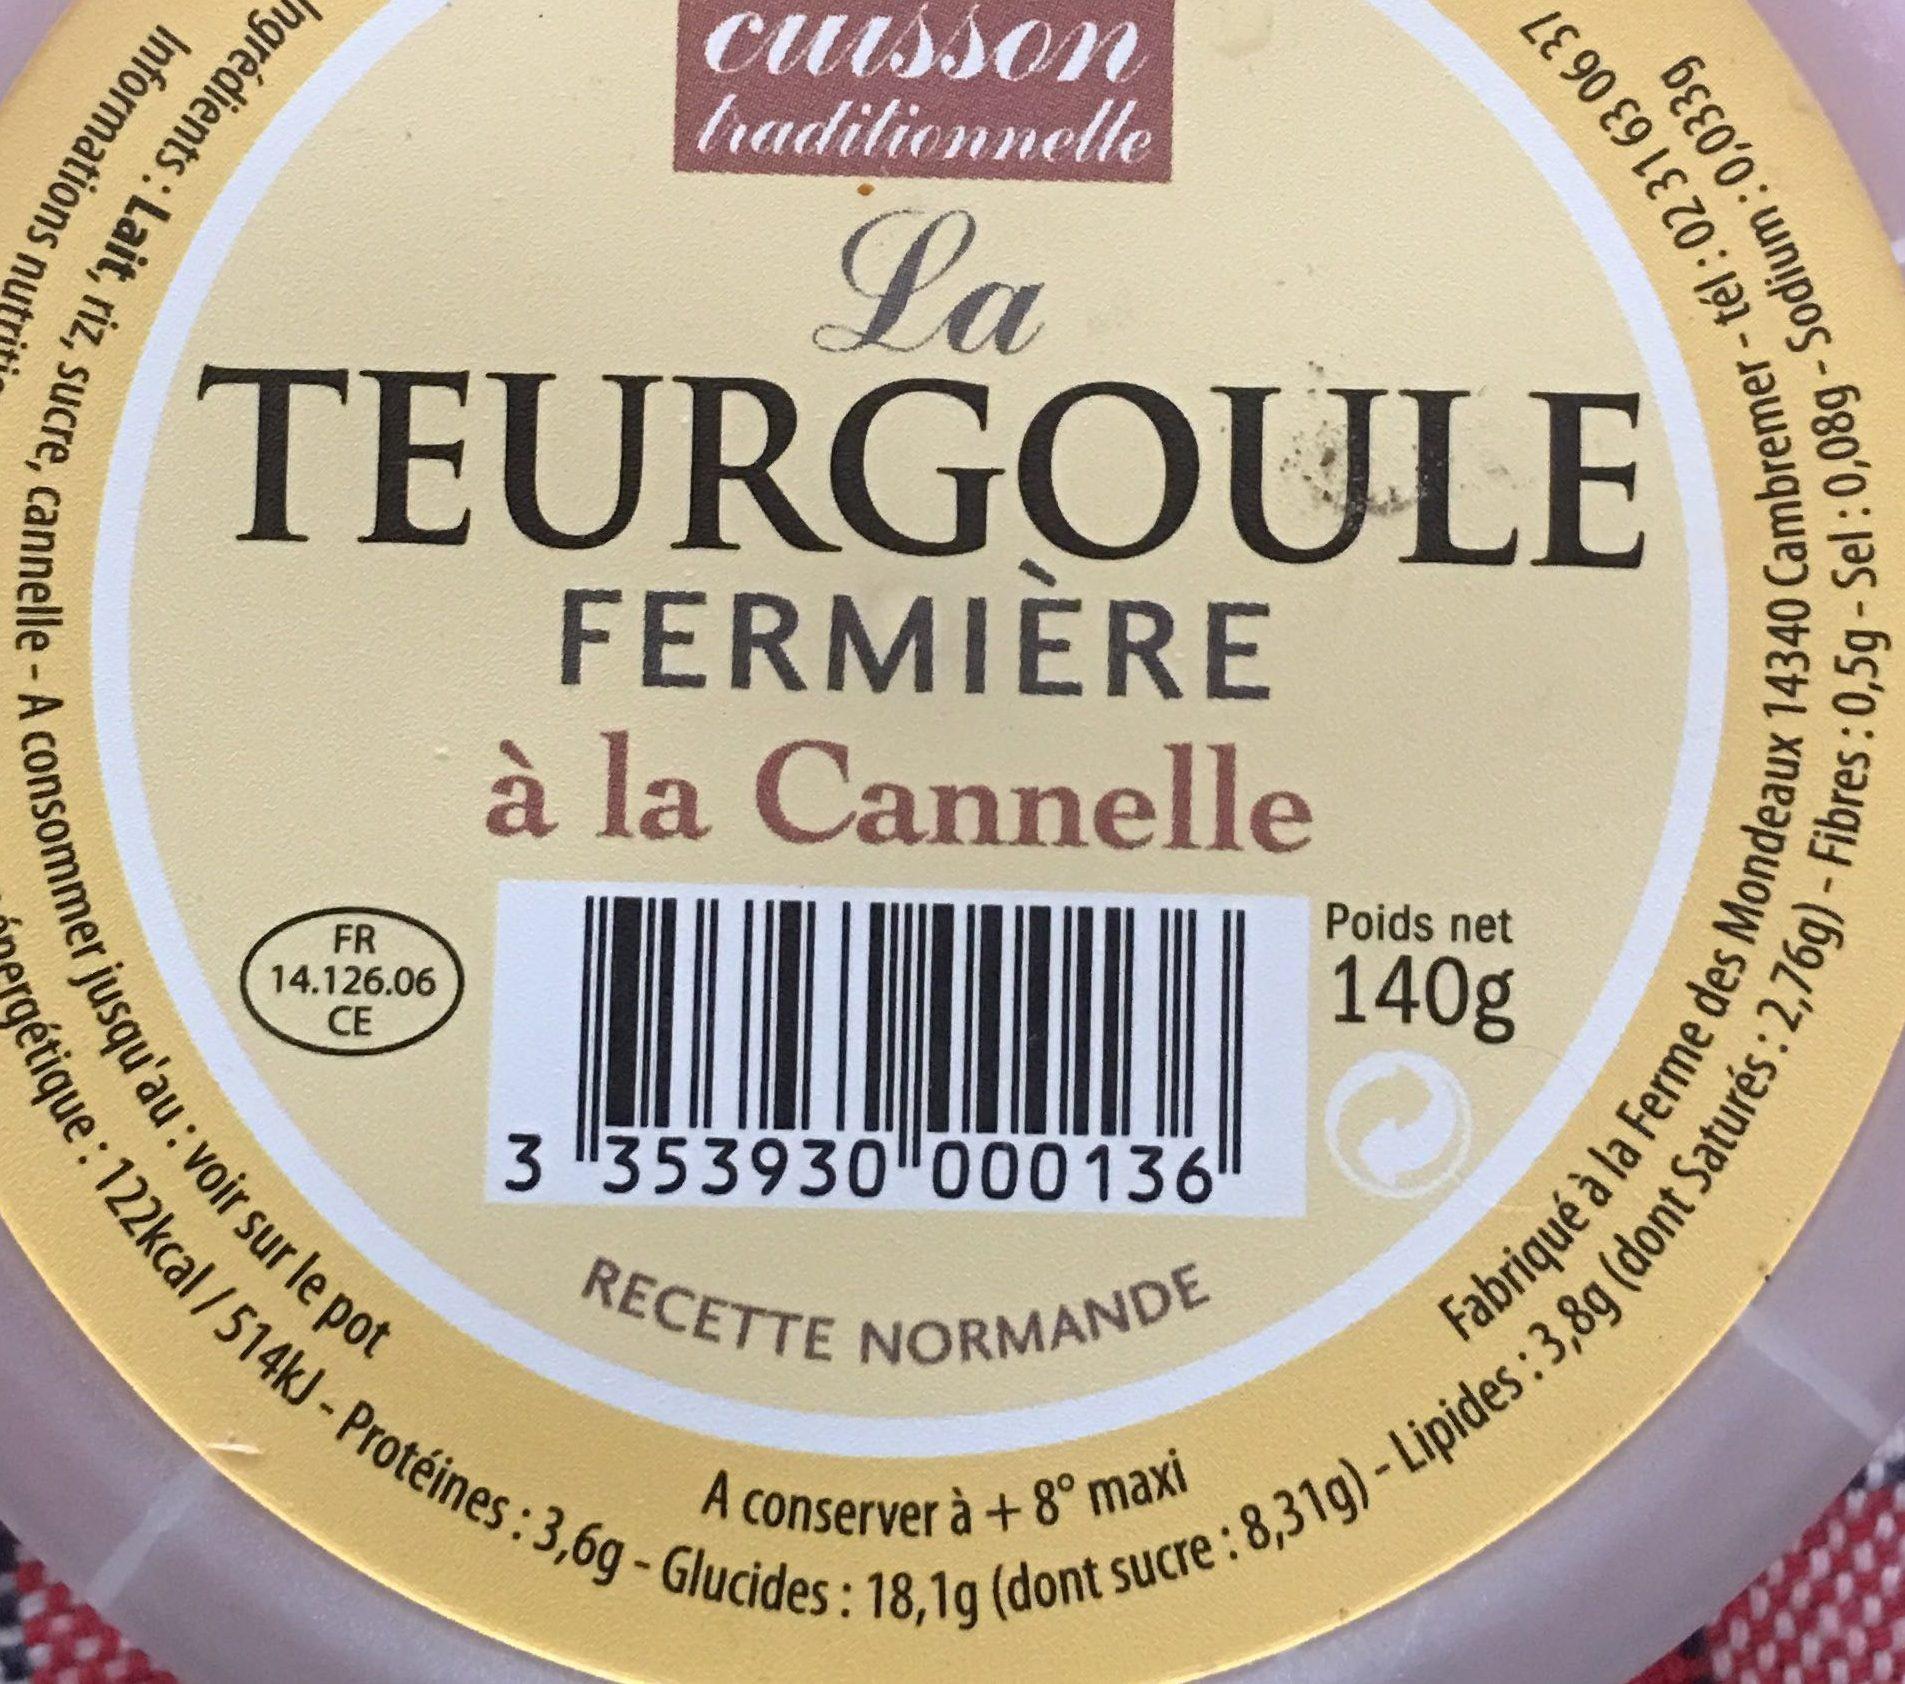 La Teurgoule fermière à la cannelle - Voedingswaarden - fr